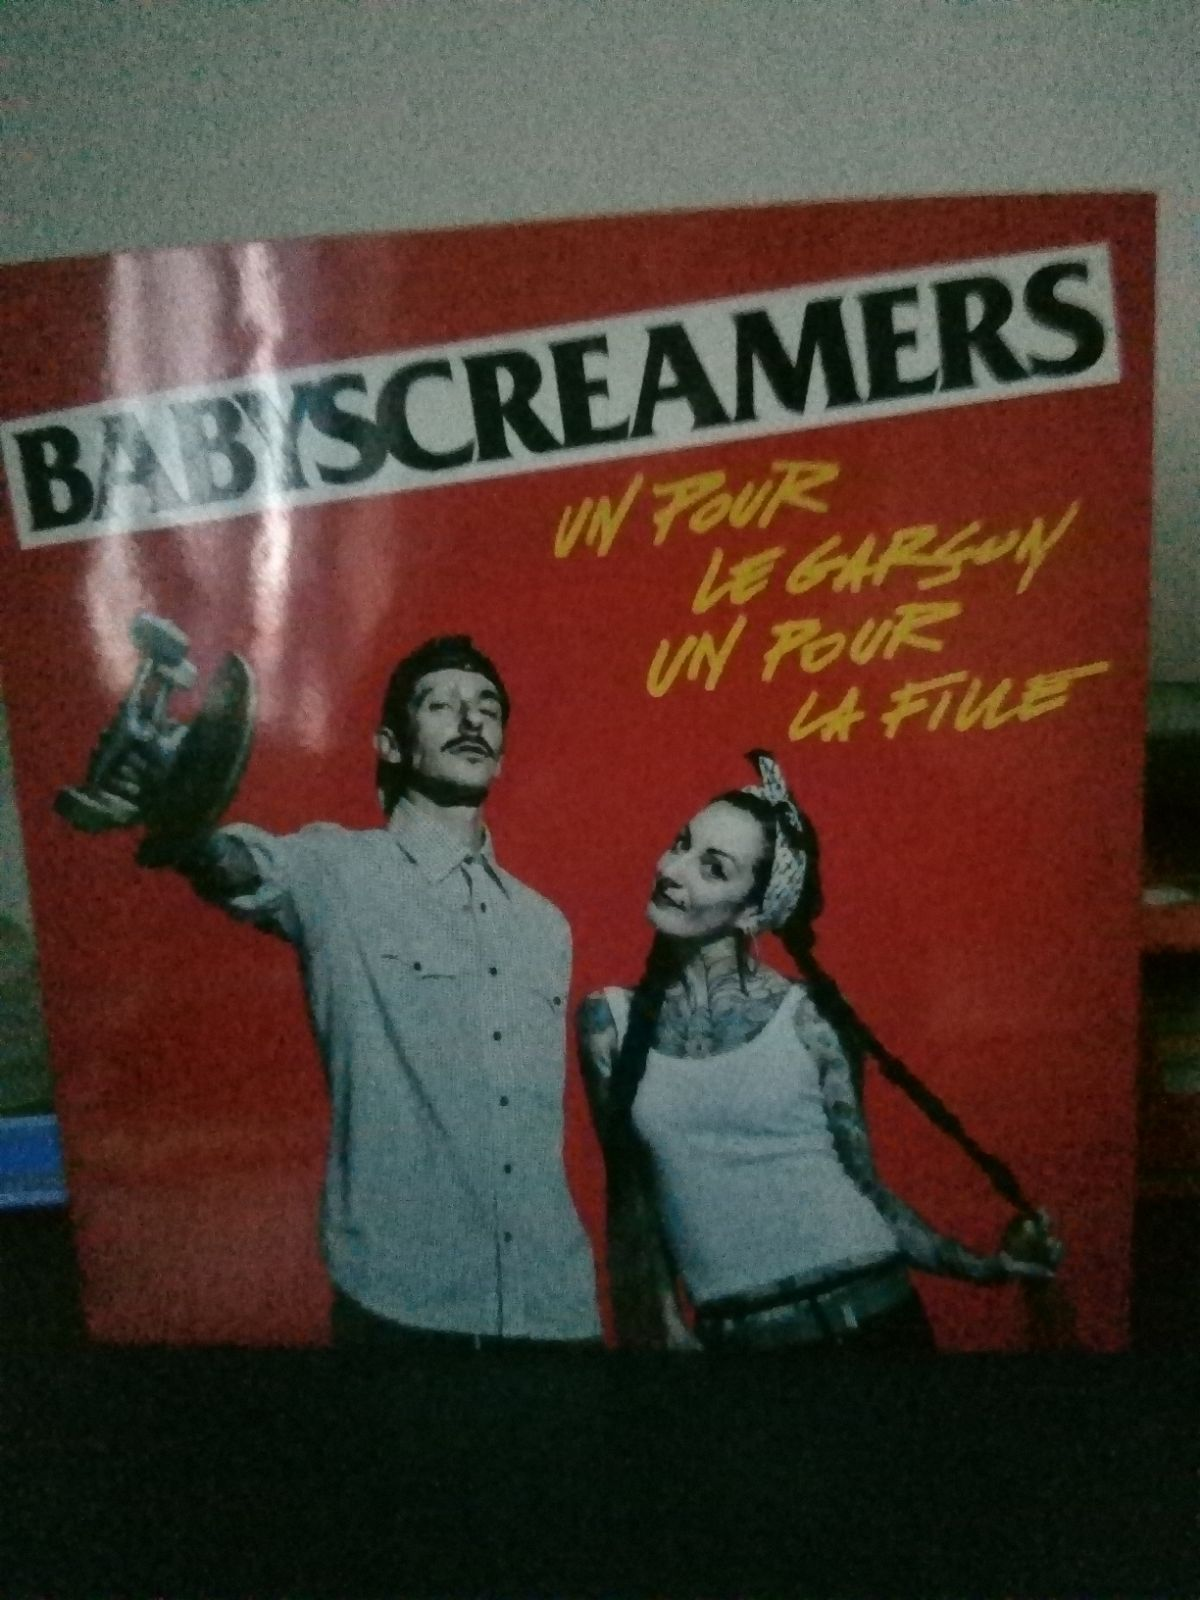 Babyscreamers - Un pour le garçon un pour la fille 1 - fanzine